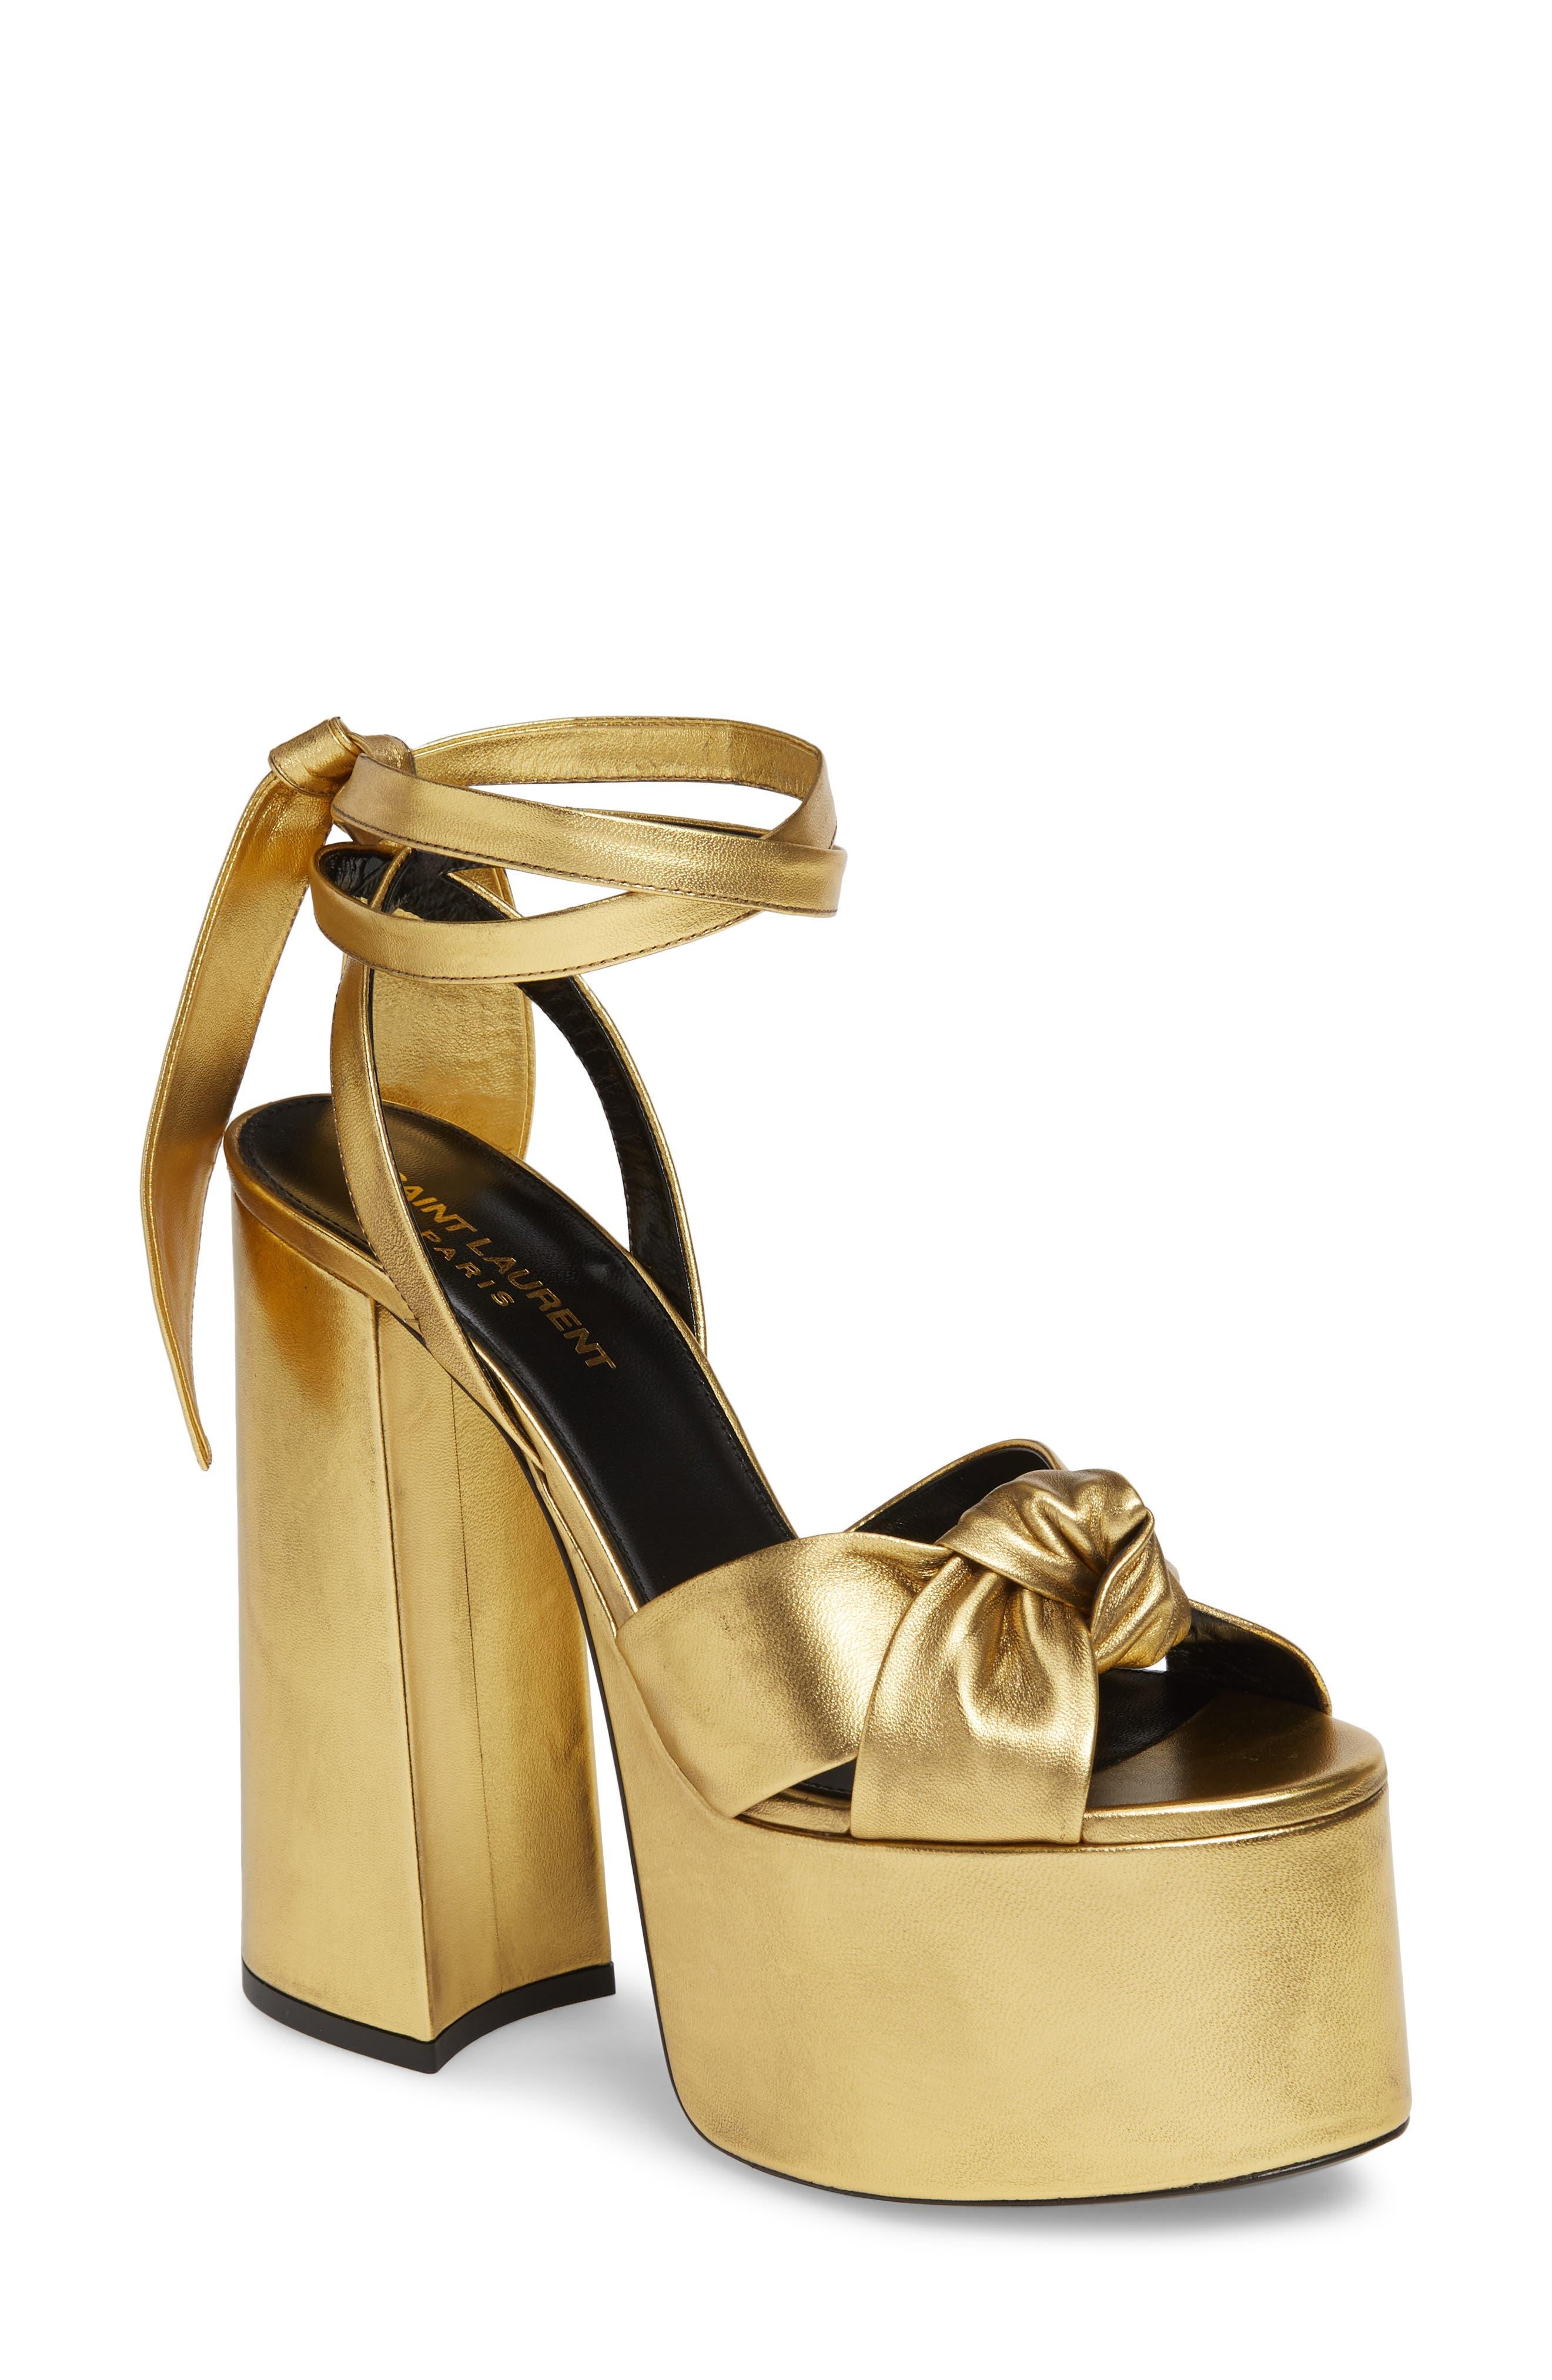 60s Shoes, Boots   70s Shoes, Platforms, Boots Womens Saint Laurent Paige Platform Sandal $1,095.00 AT vintagedancer.com